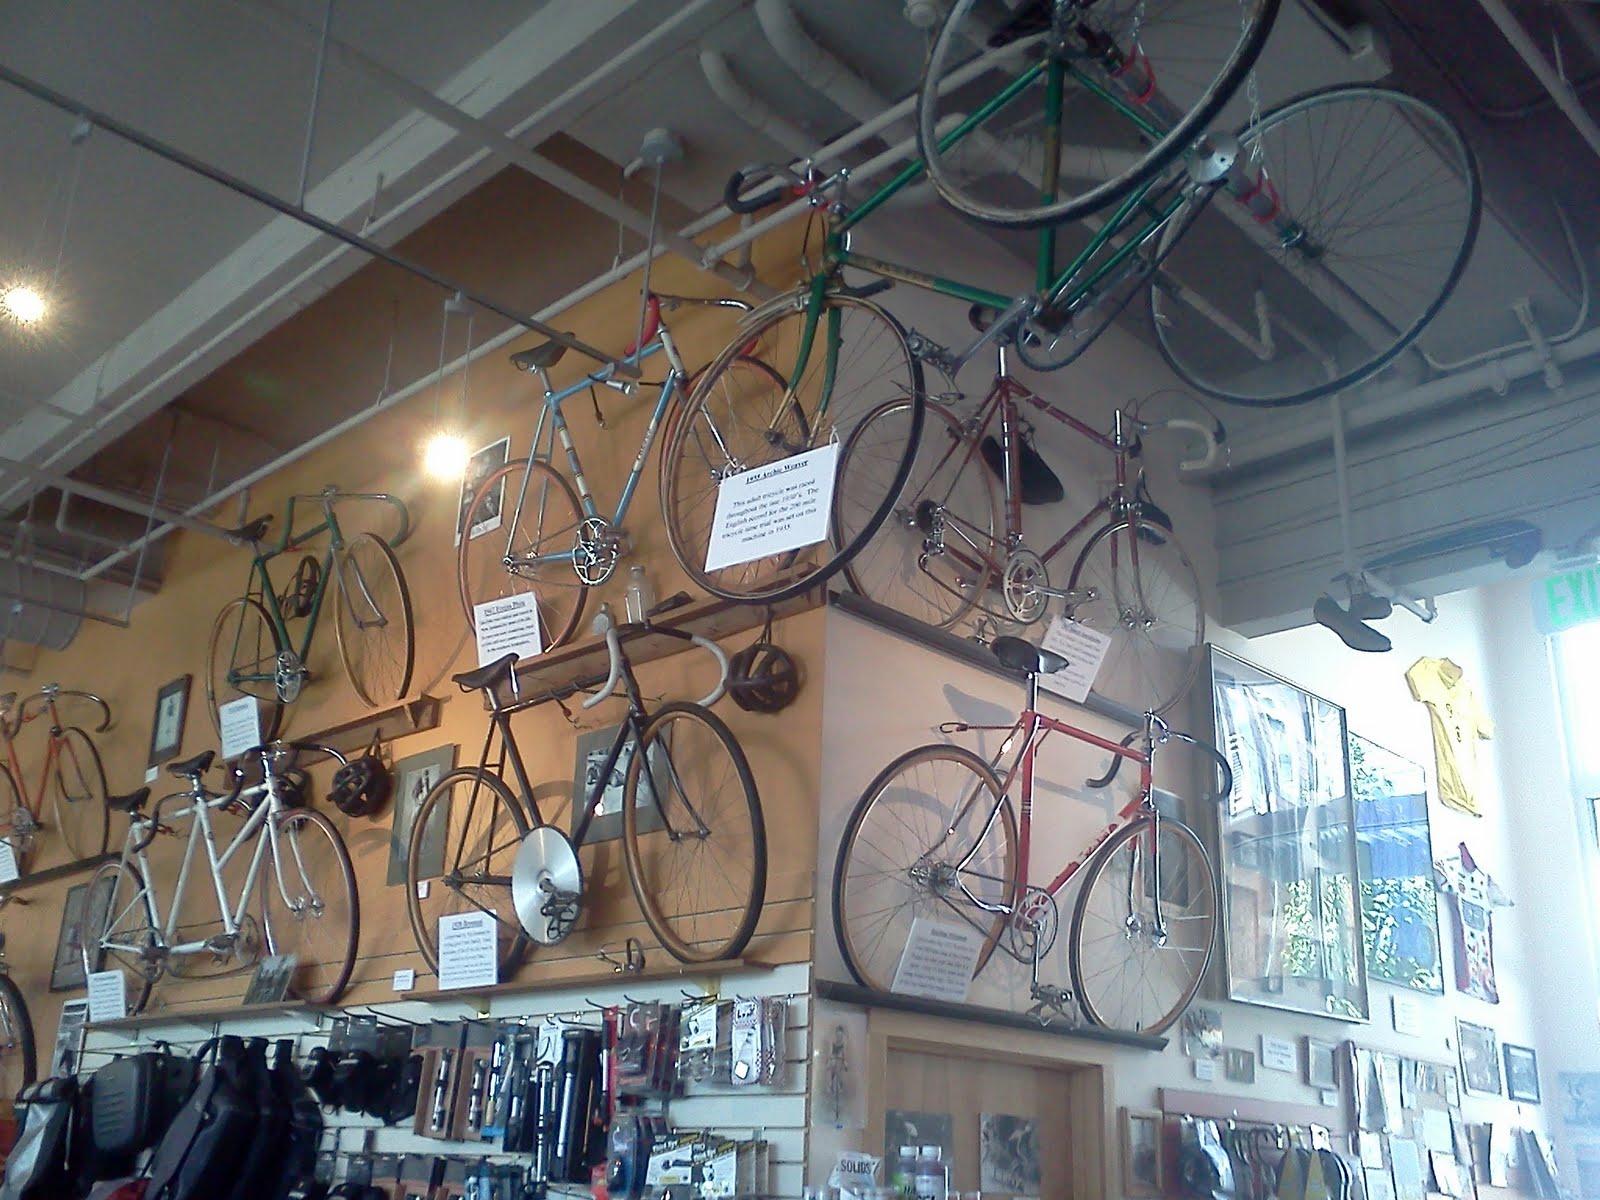 Bigfoot Believes in You Funny Humor Bicycle Handlebar Bike Bell